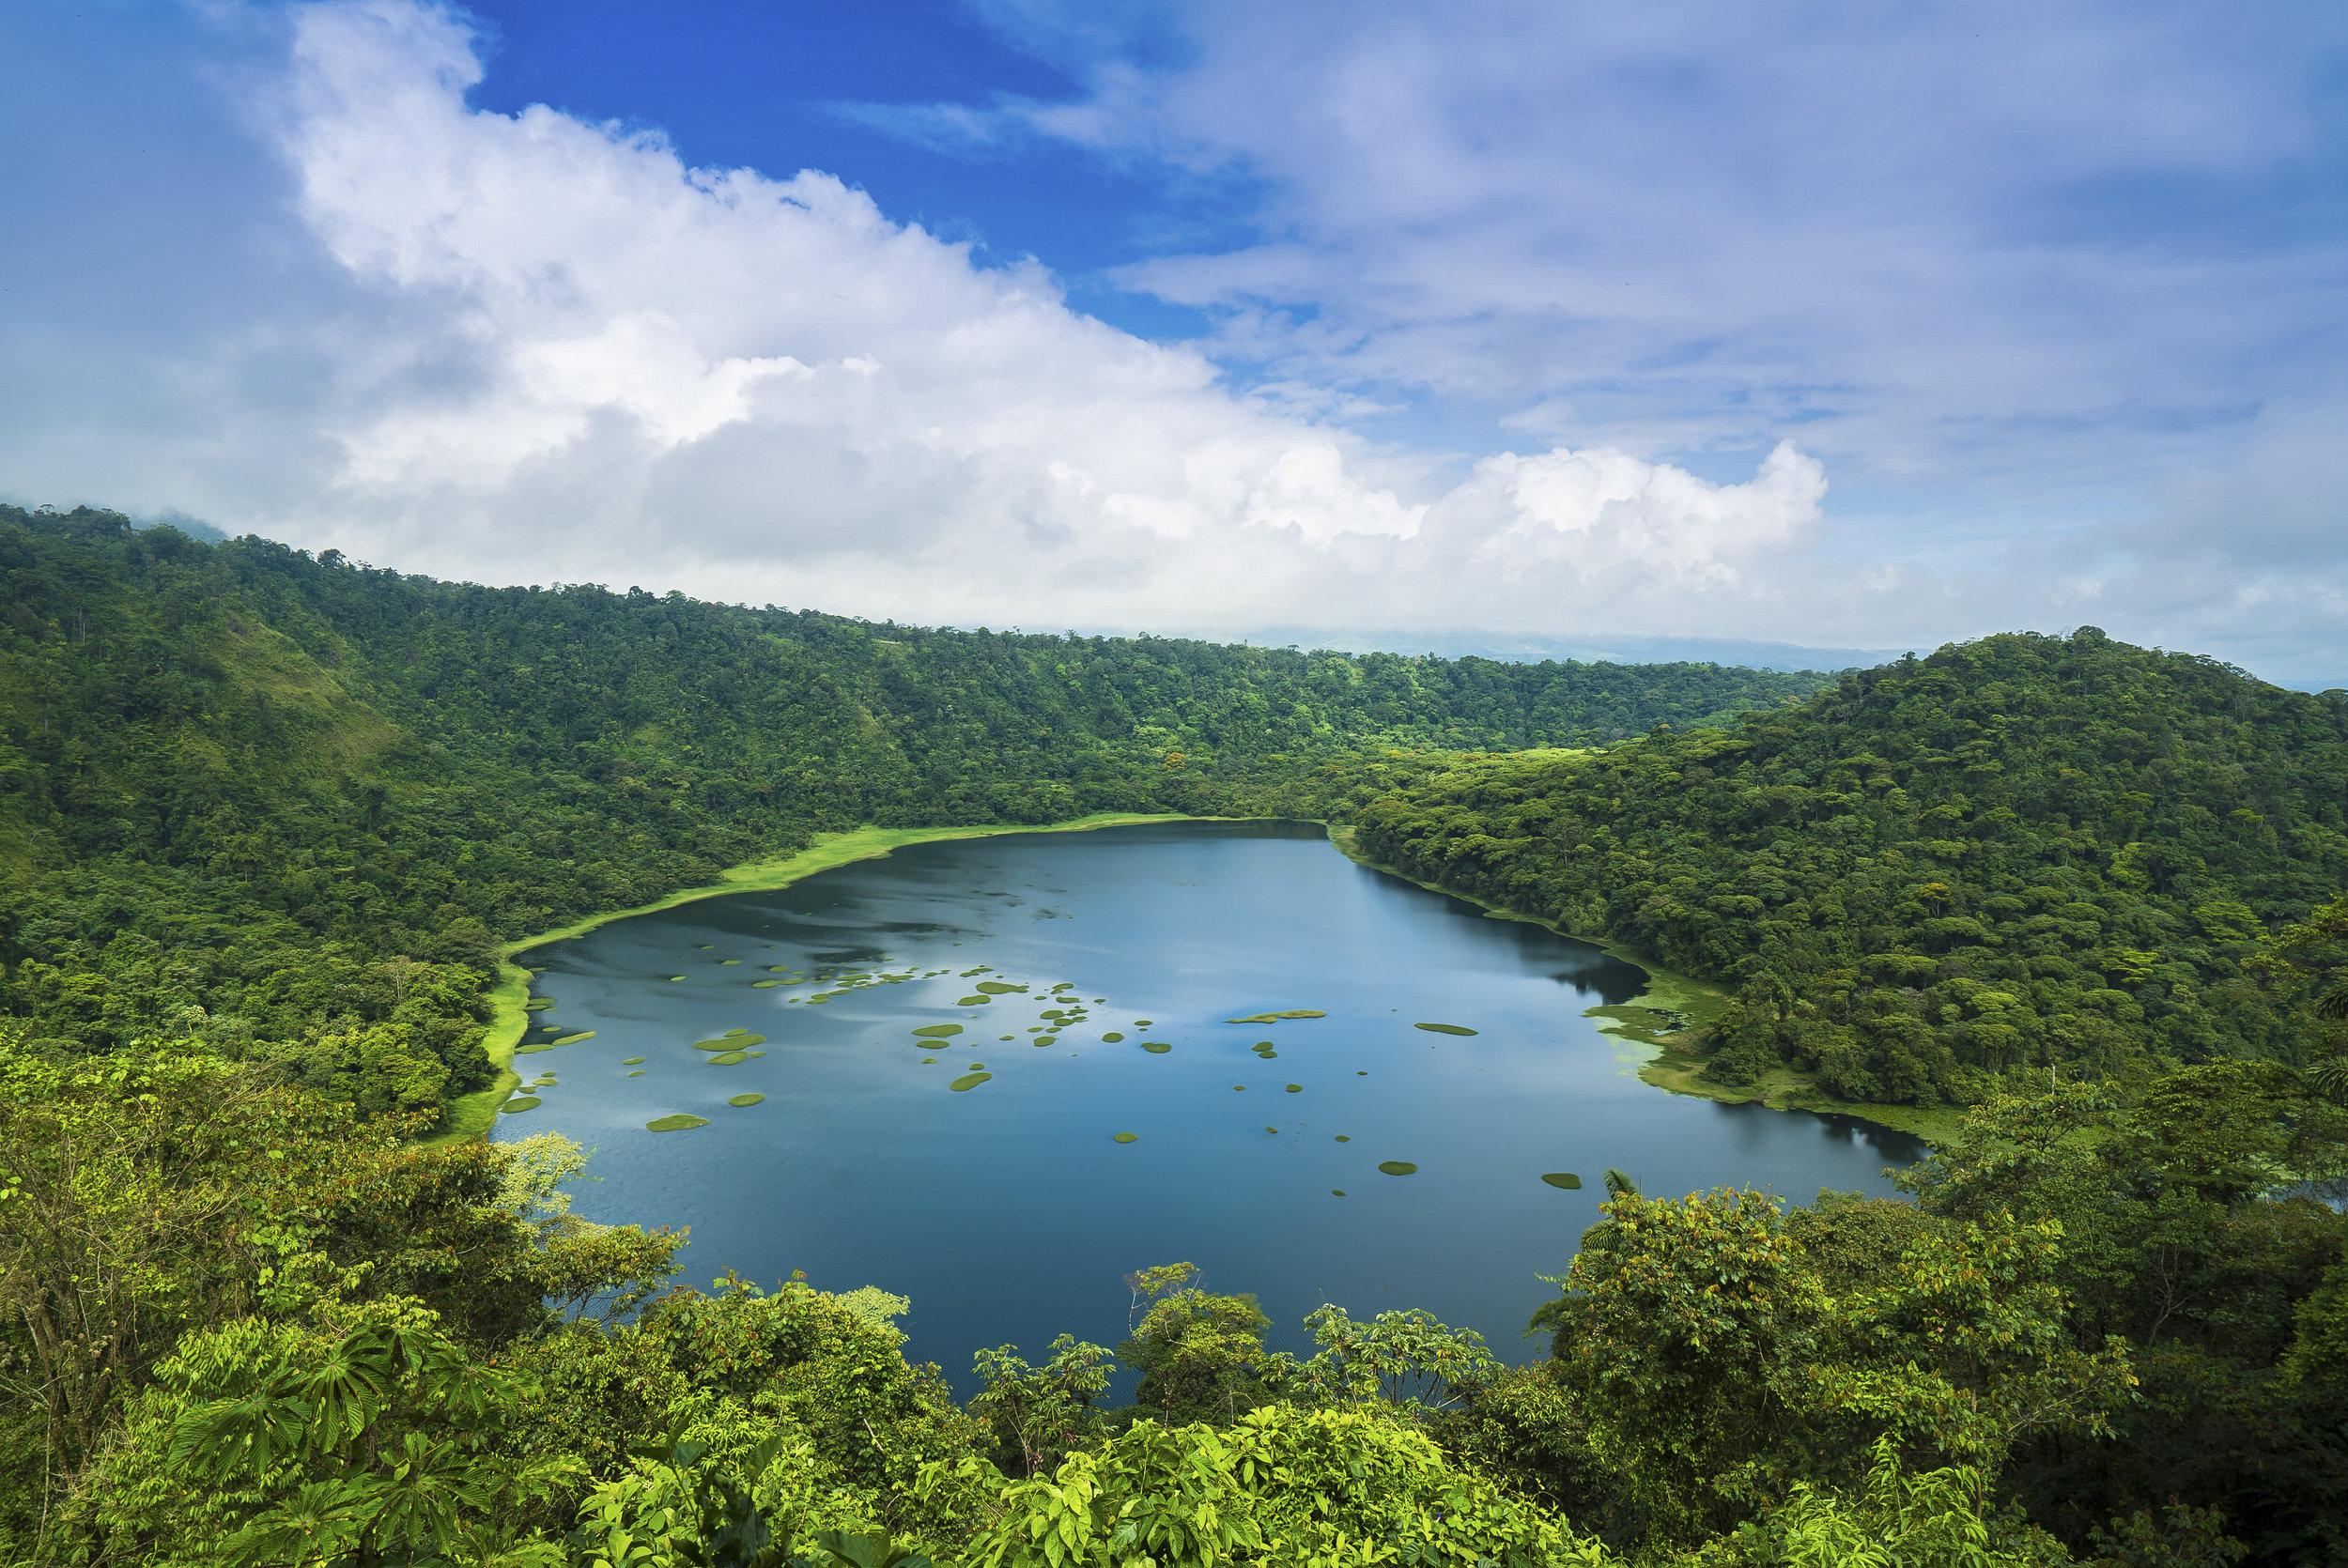 Volcano crater lake, Laguna de Hule - Costa Rica